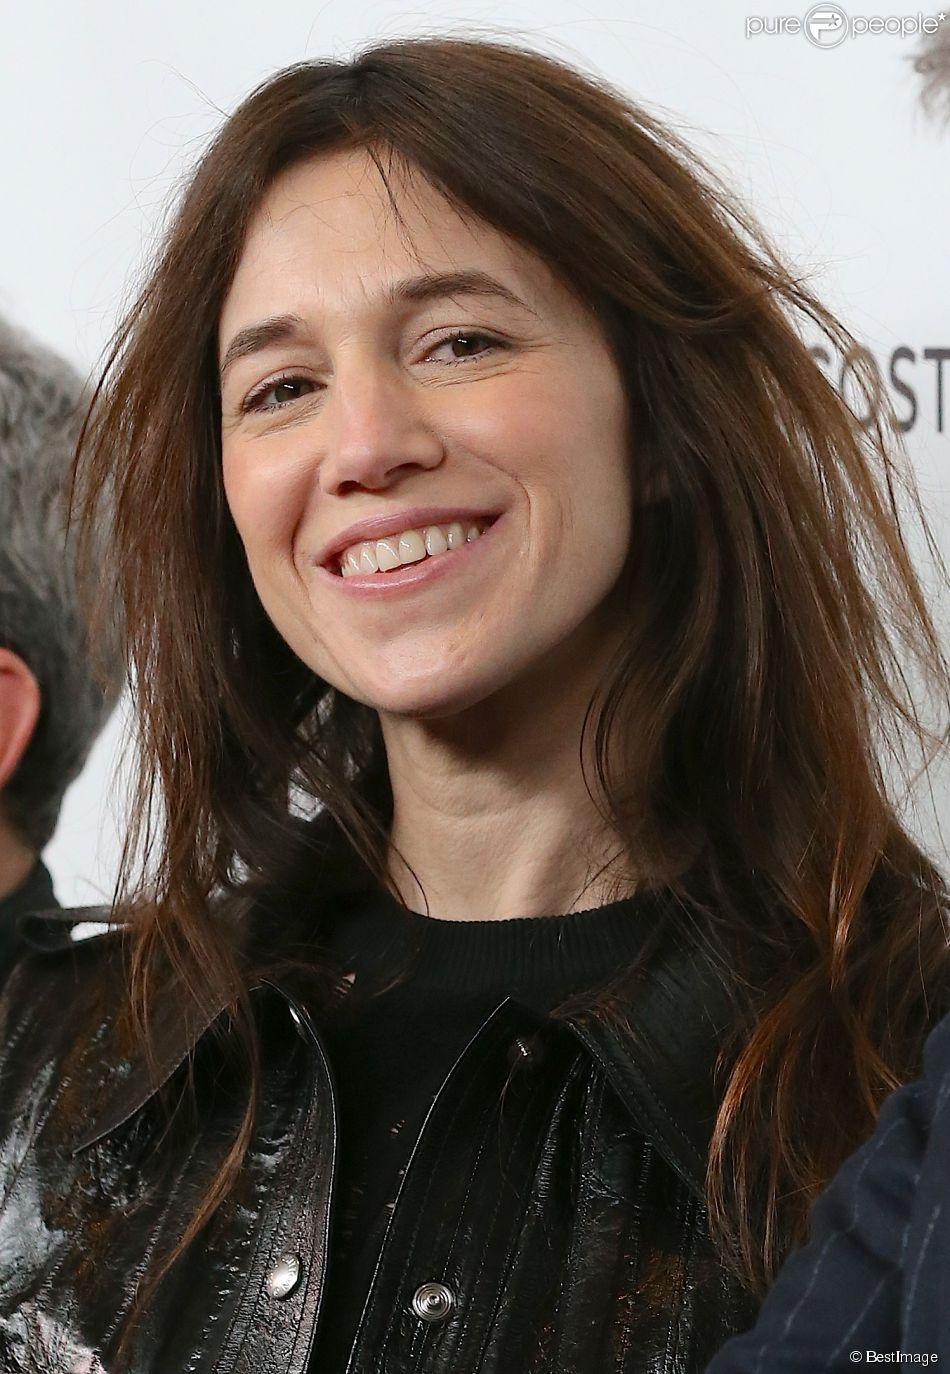 Charlotte Gainsbourg à New York dans le cadre du Festival du Film Français en partenariat avec Unifrance, le 6 mars 2015.